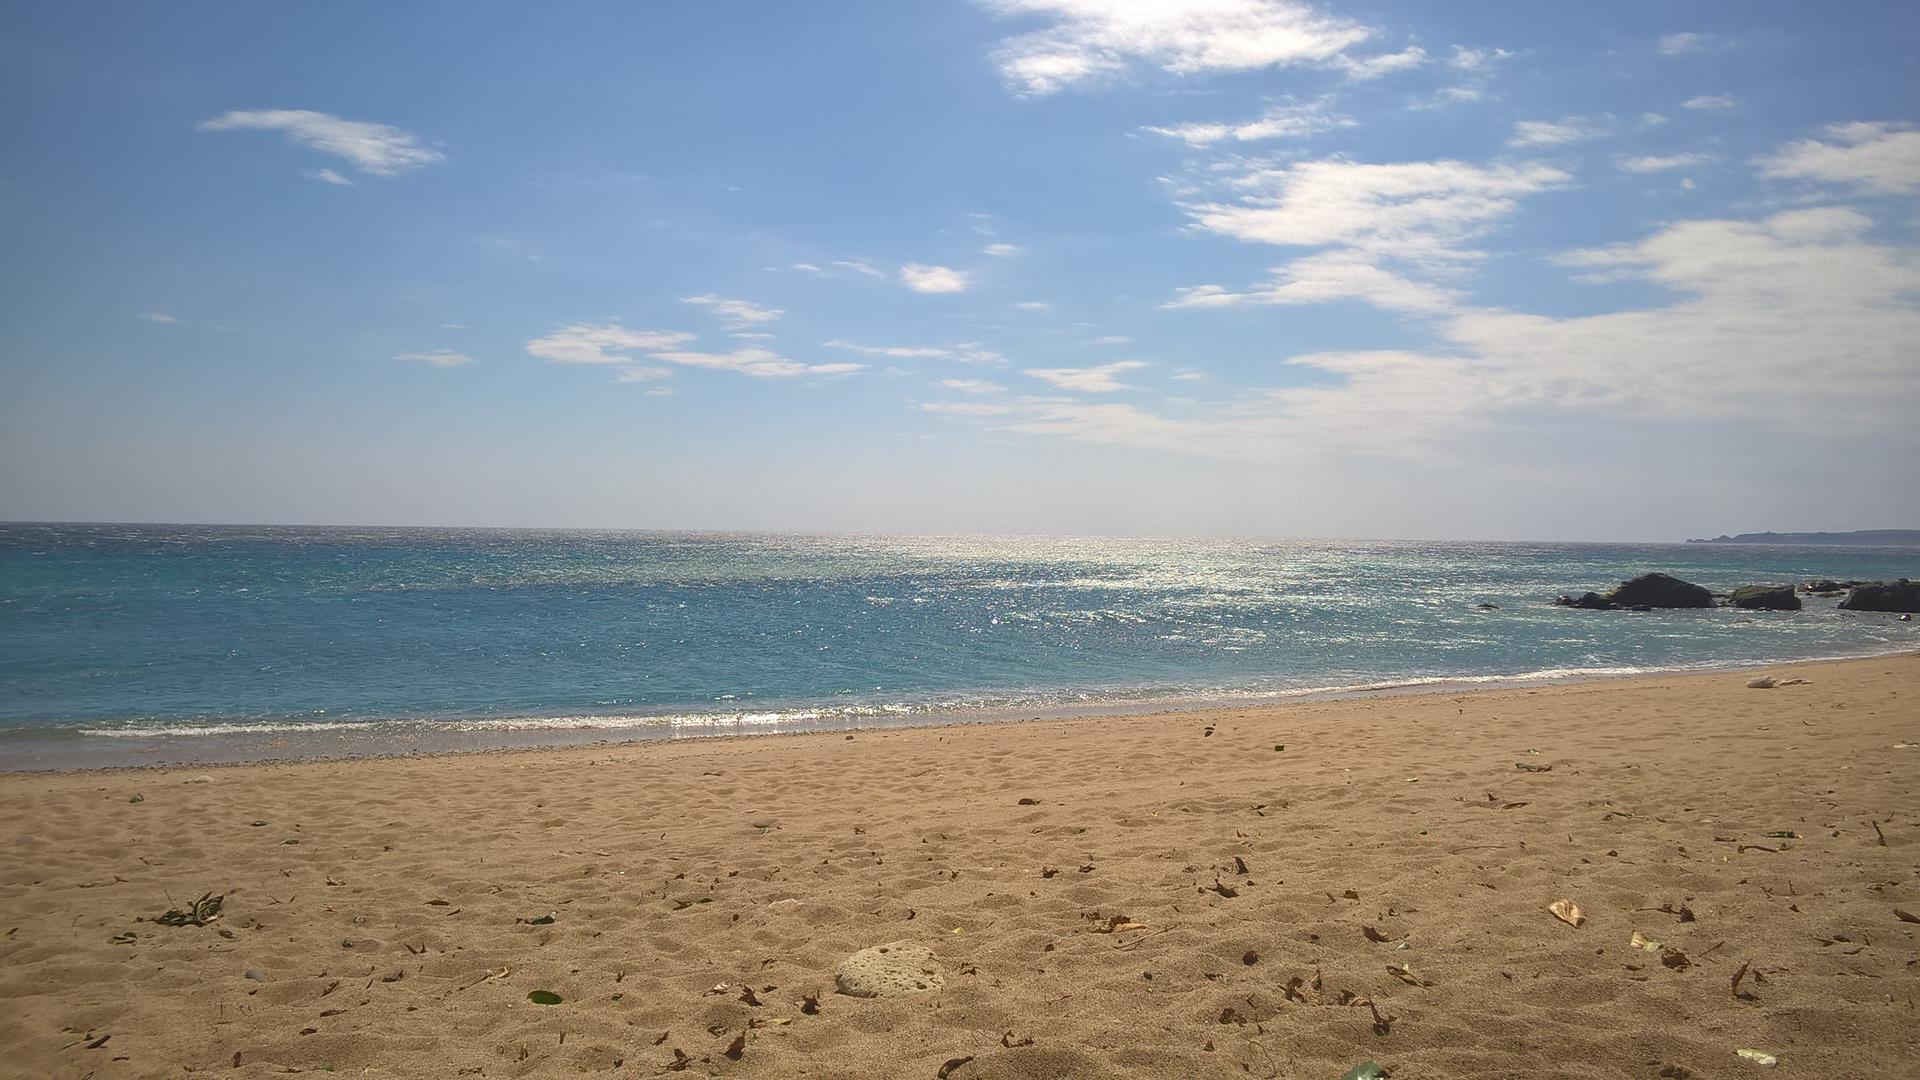 Die Sonne lacht und das Wasser glänzt: Es könnte nicht schöner sein